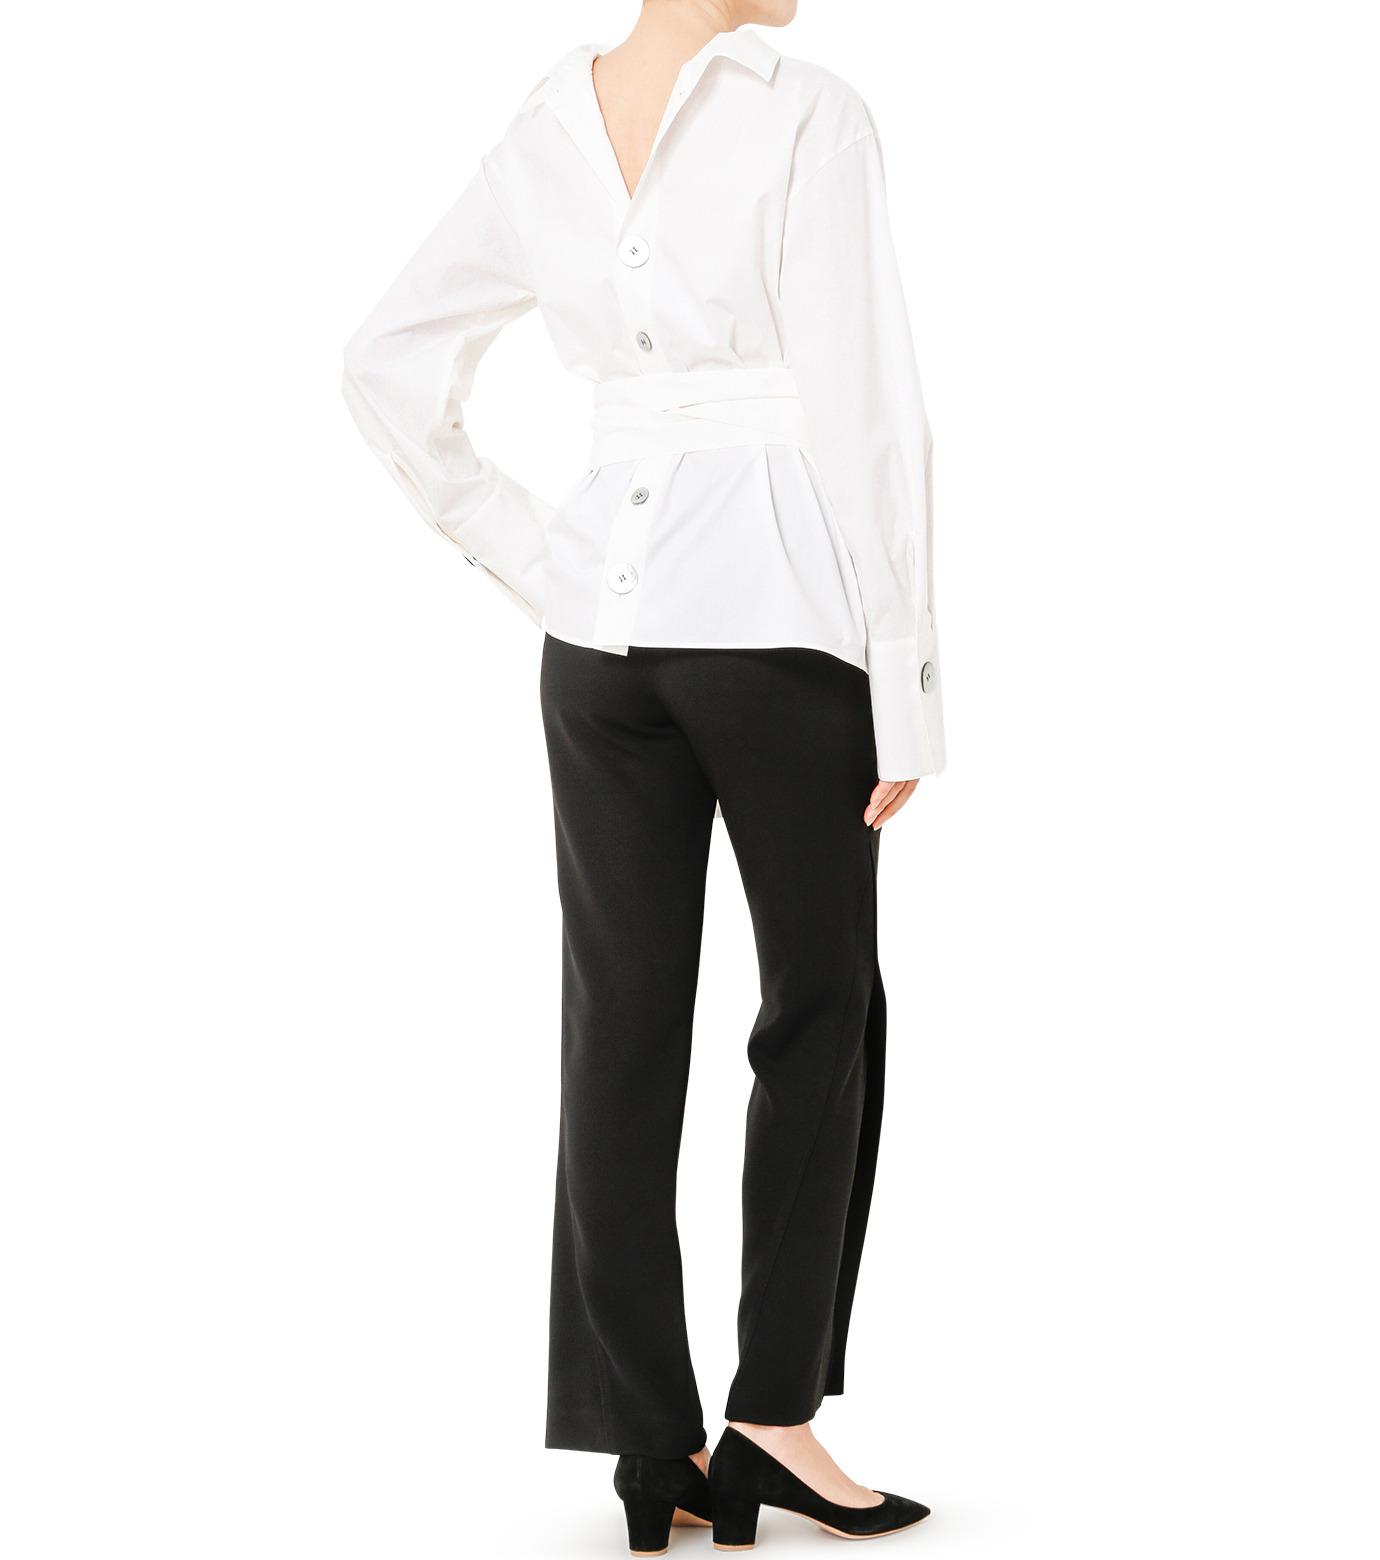 LE CIEL BLEU(ルシェルブルー)のフロントスリットパンツ-BLACK(パンツ/pants)-19S68104 拡大詳細画像3